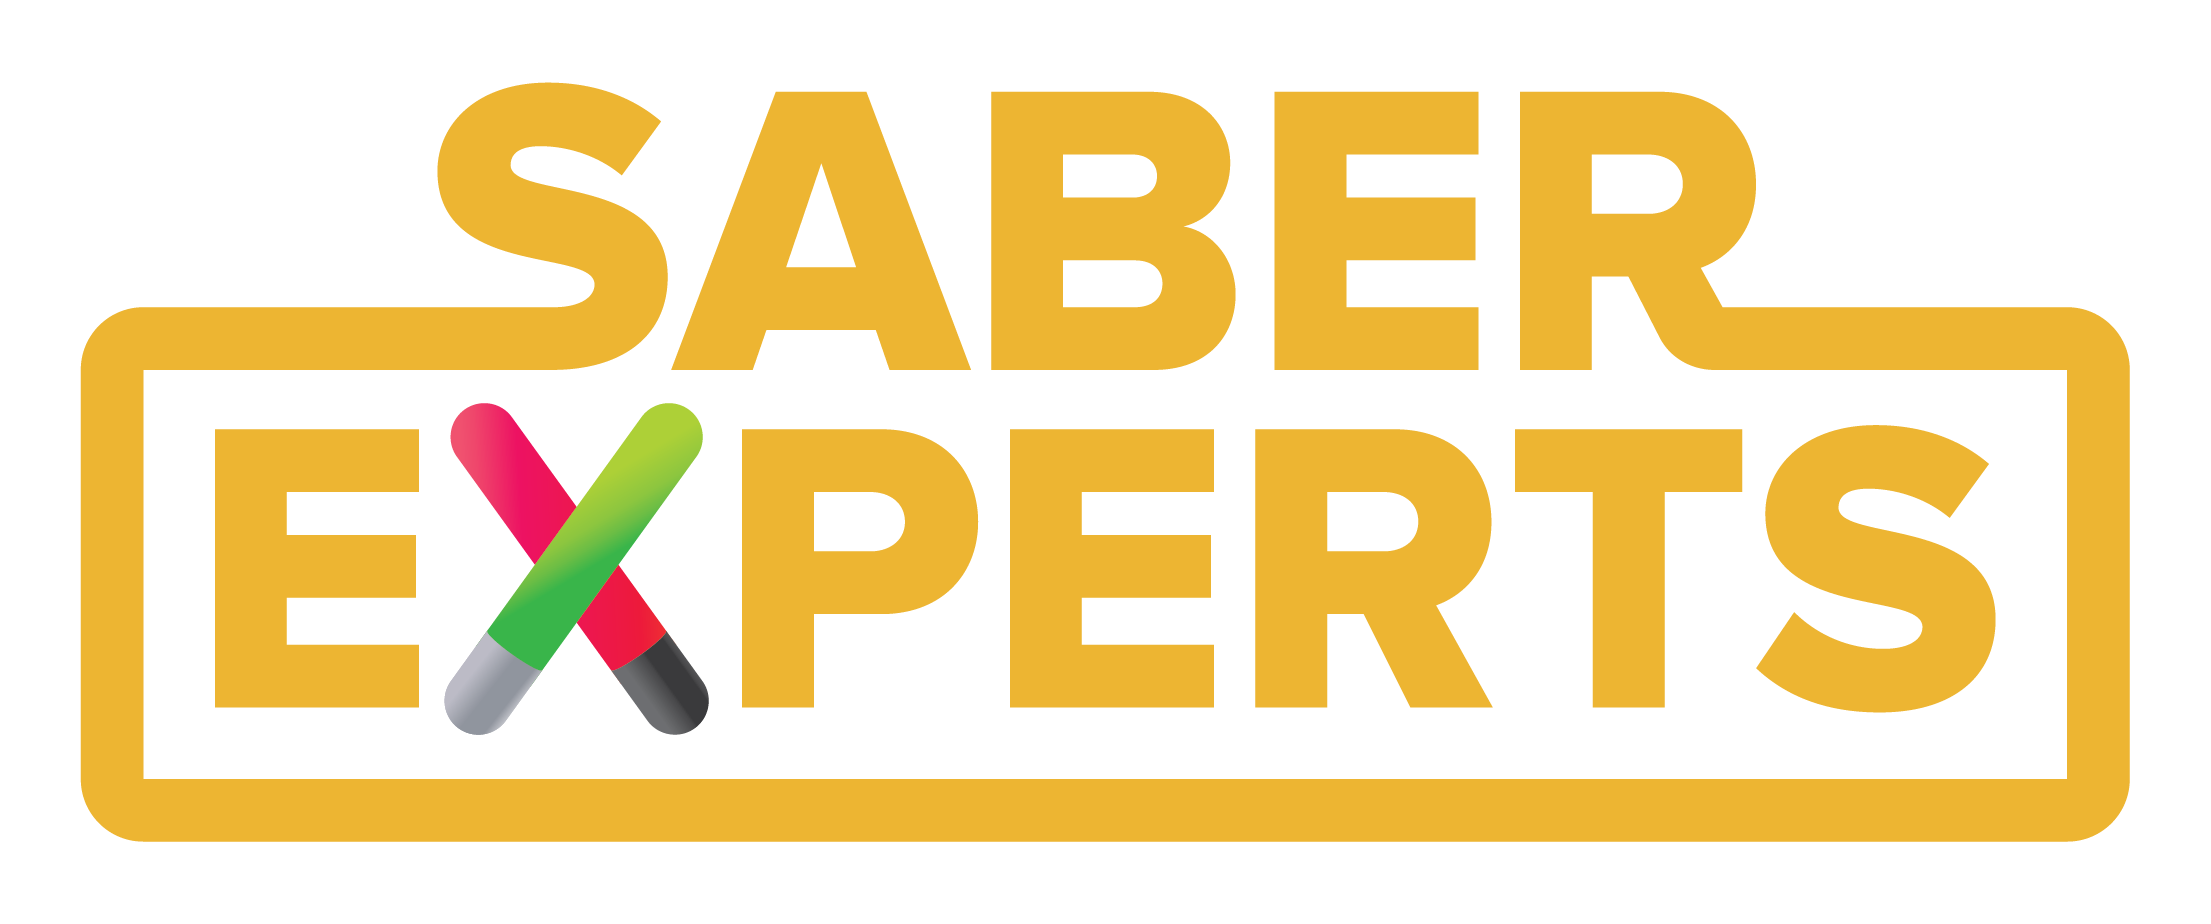 SABER EXPERTS